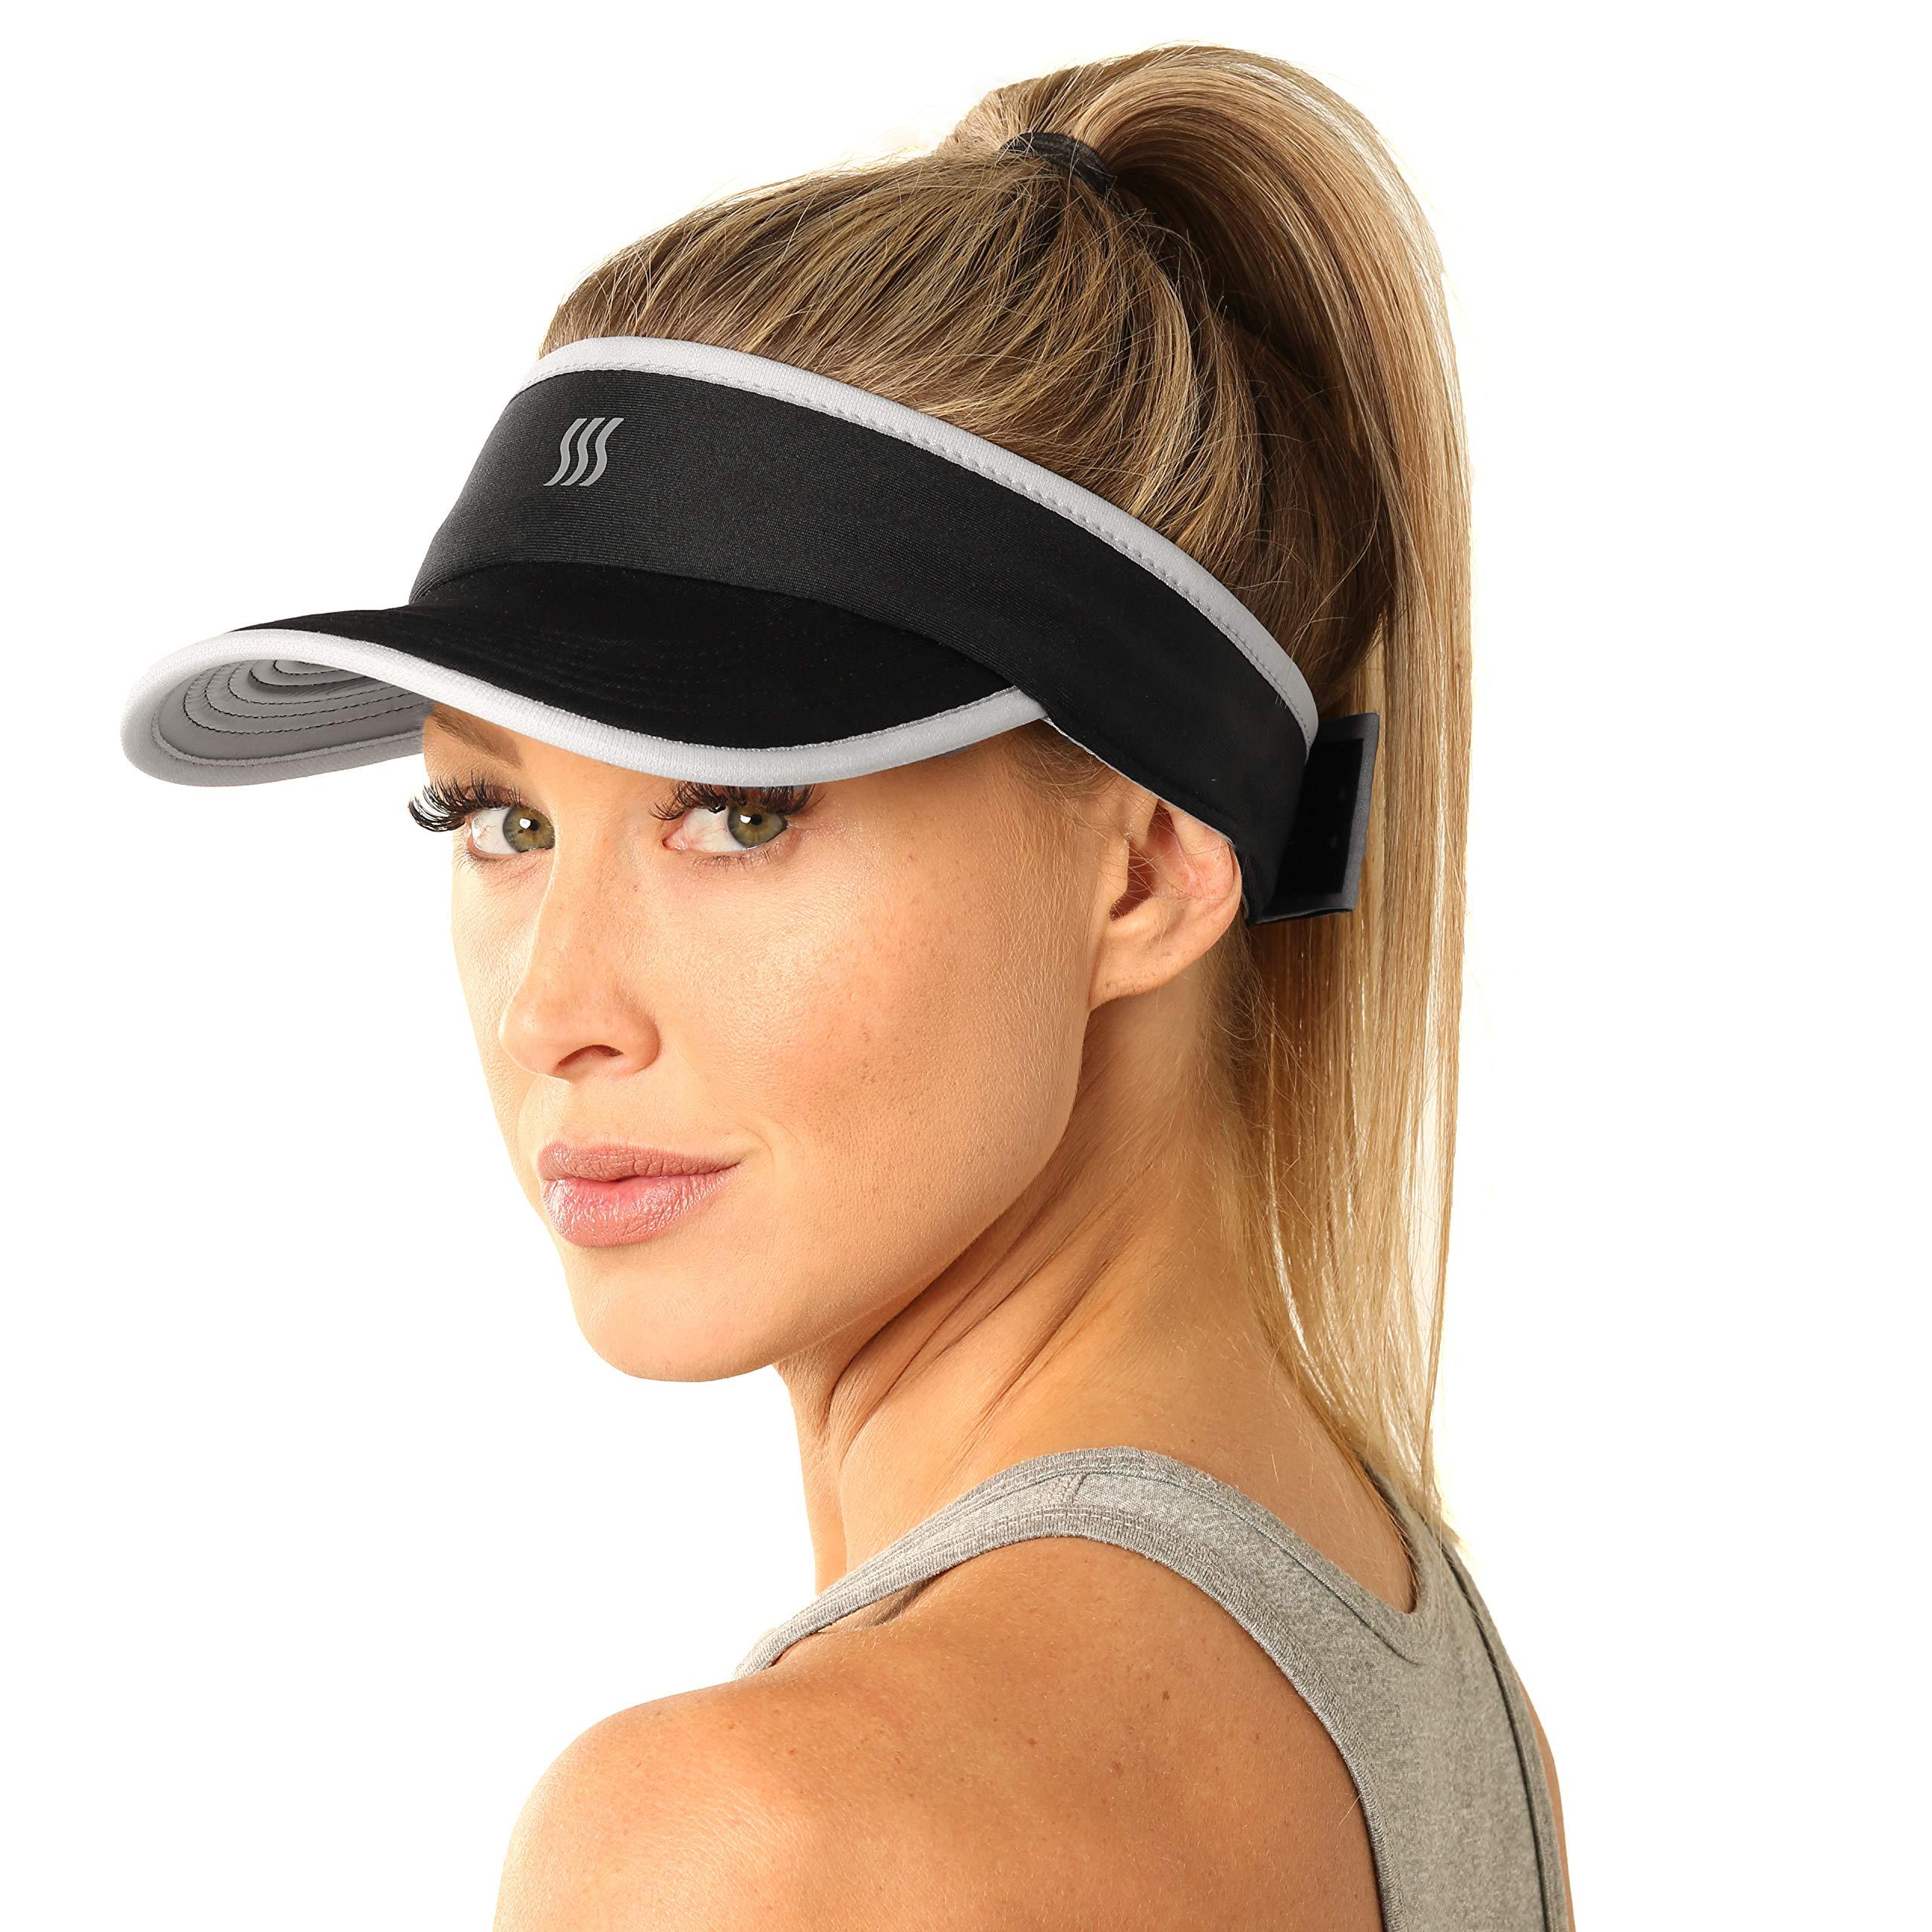 SAAKA Super Absorbent Visor for Women. Best for Running Tennis Golf & All Sports. Soft Lightweight & Adjustable.